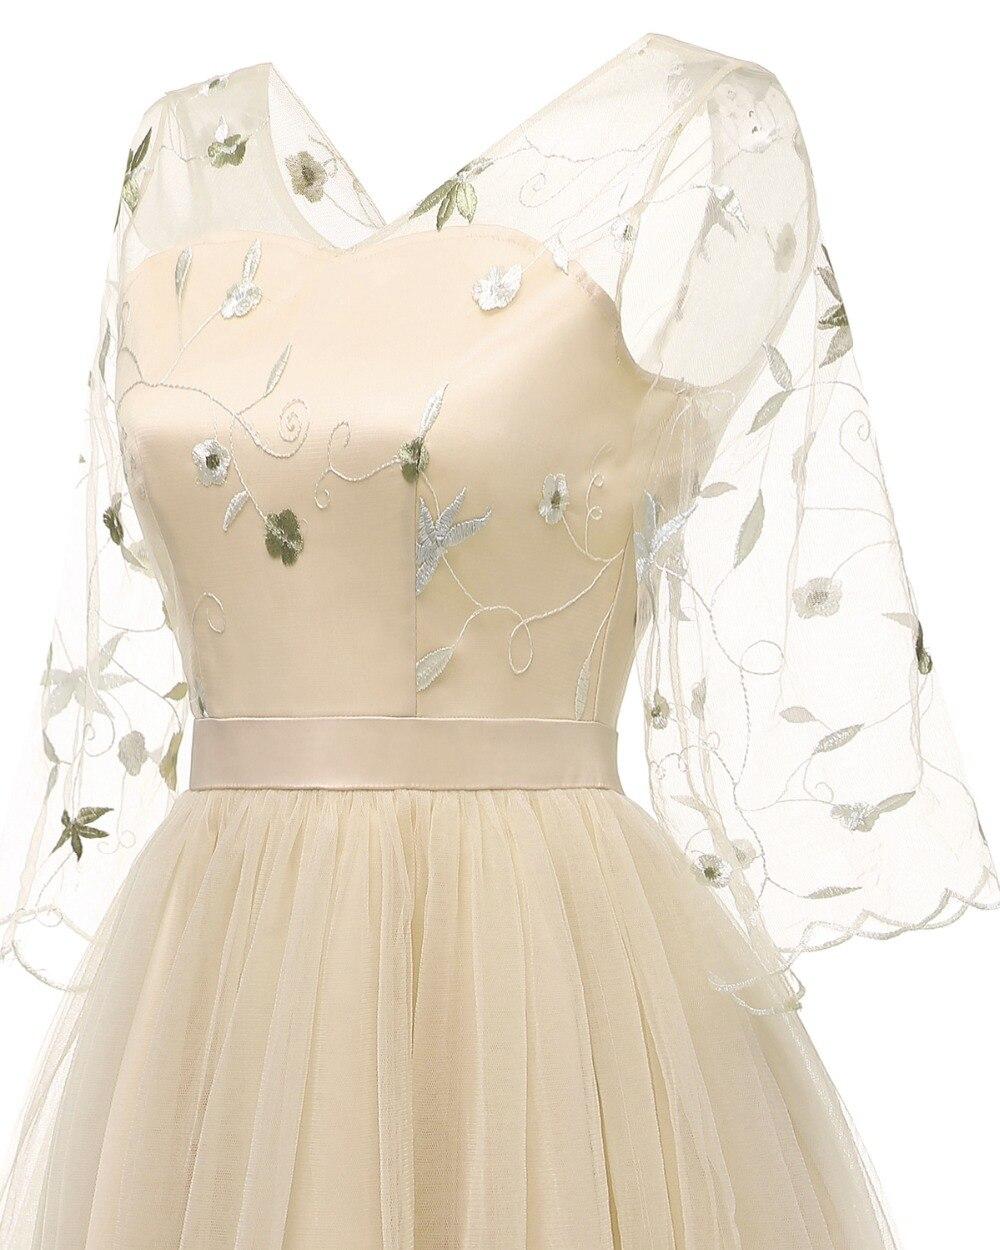 Vintage Dress 13